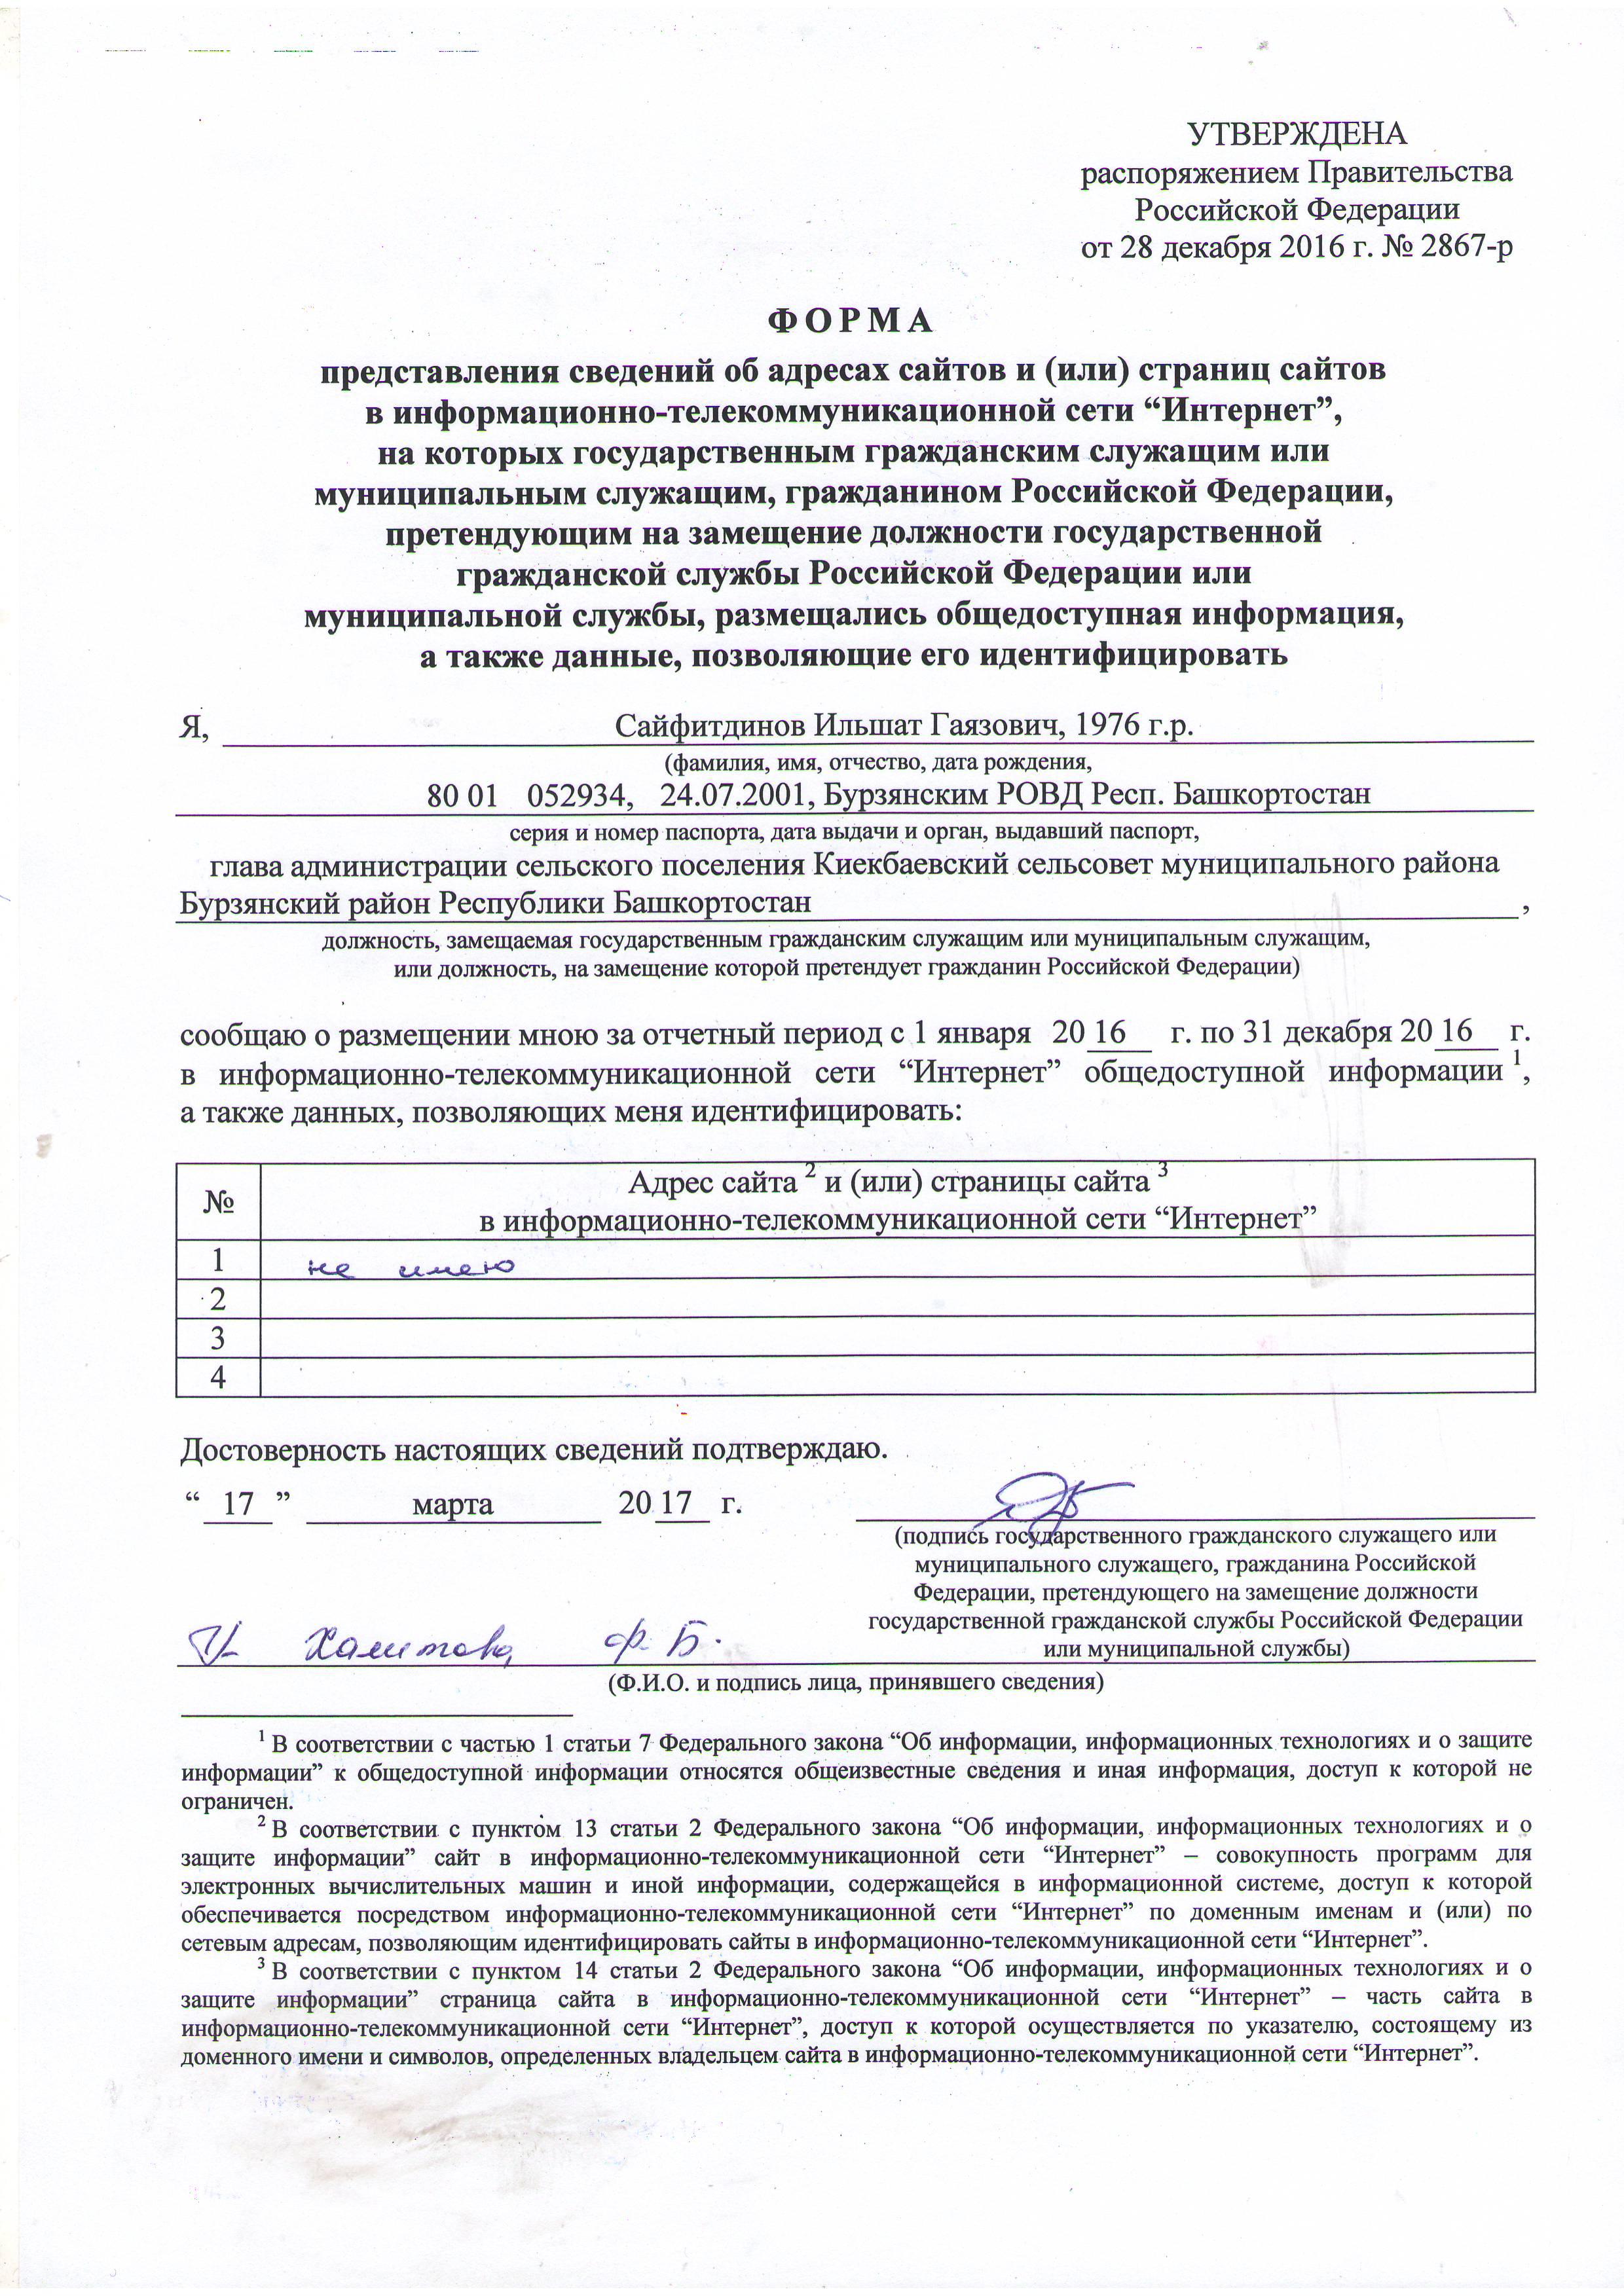 Сведения об адресах сайтов Сайфитдинова